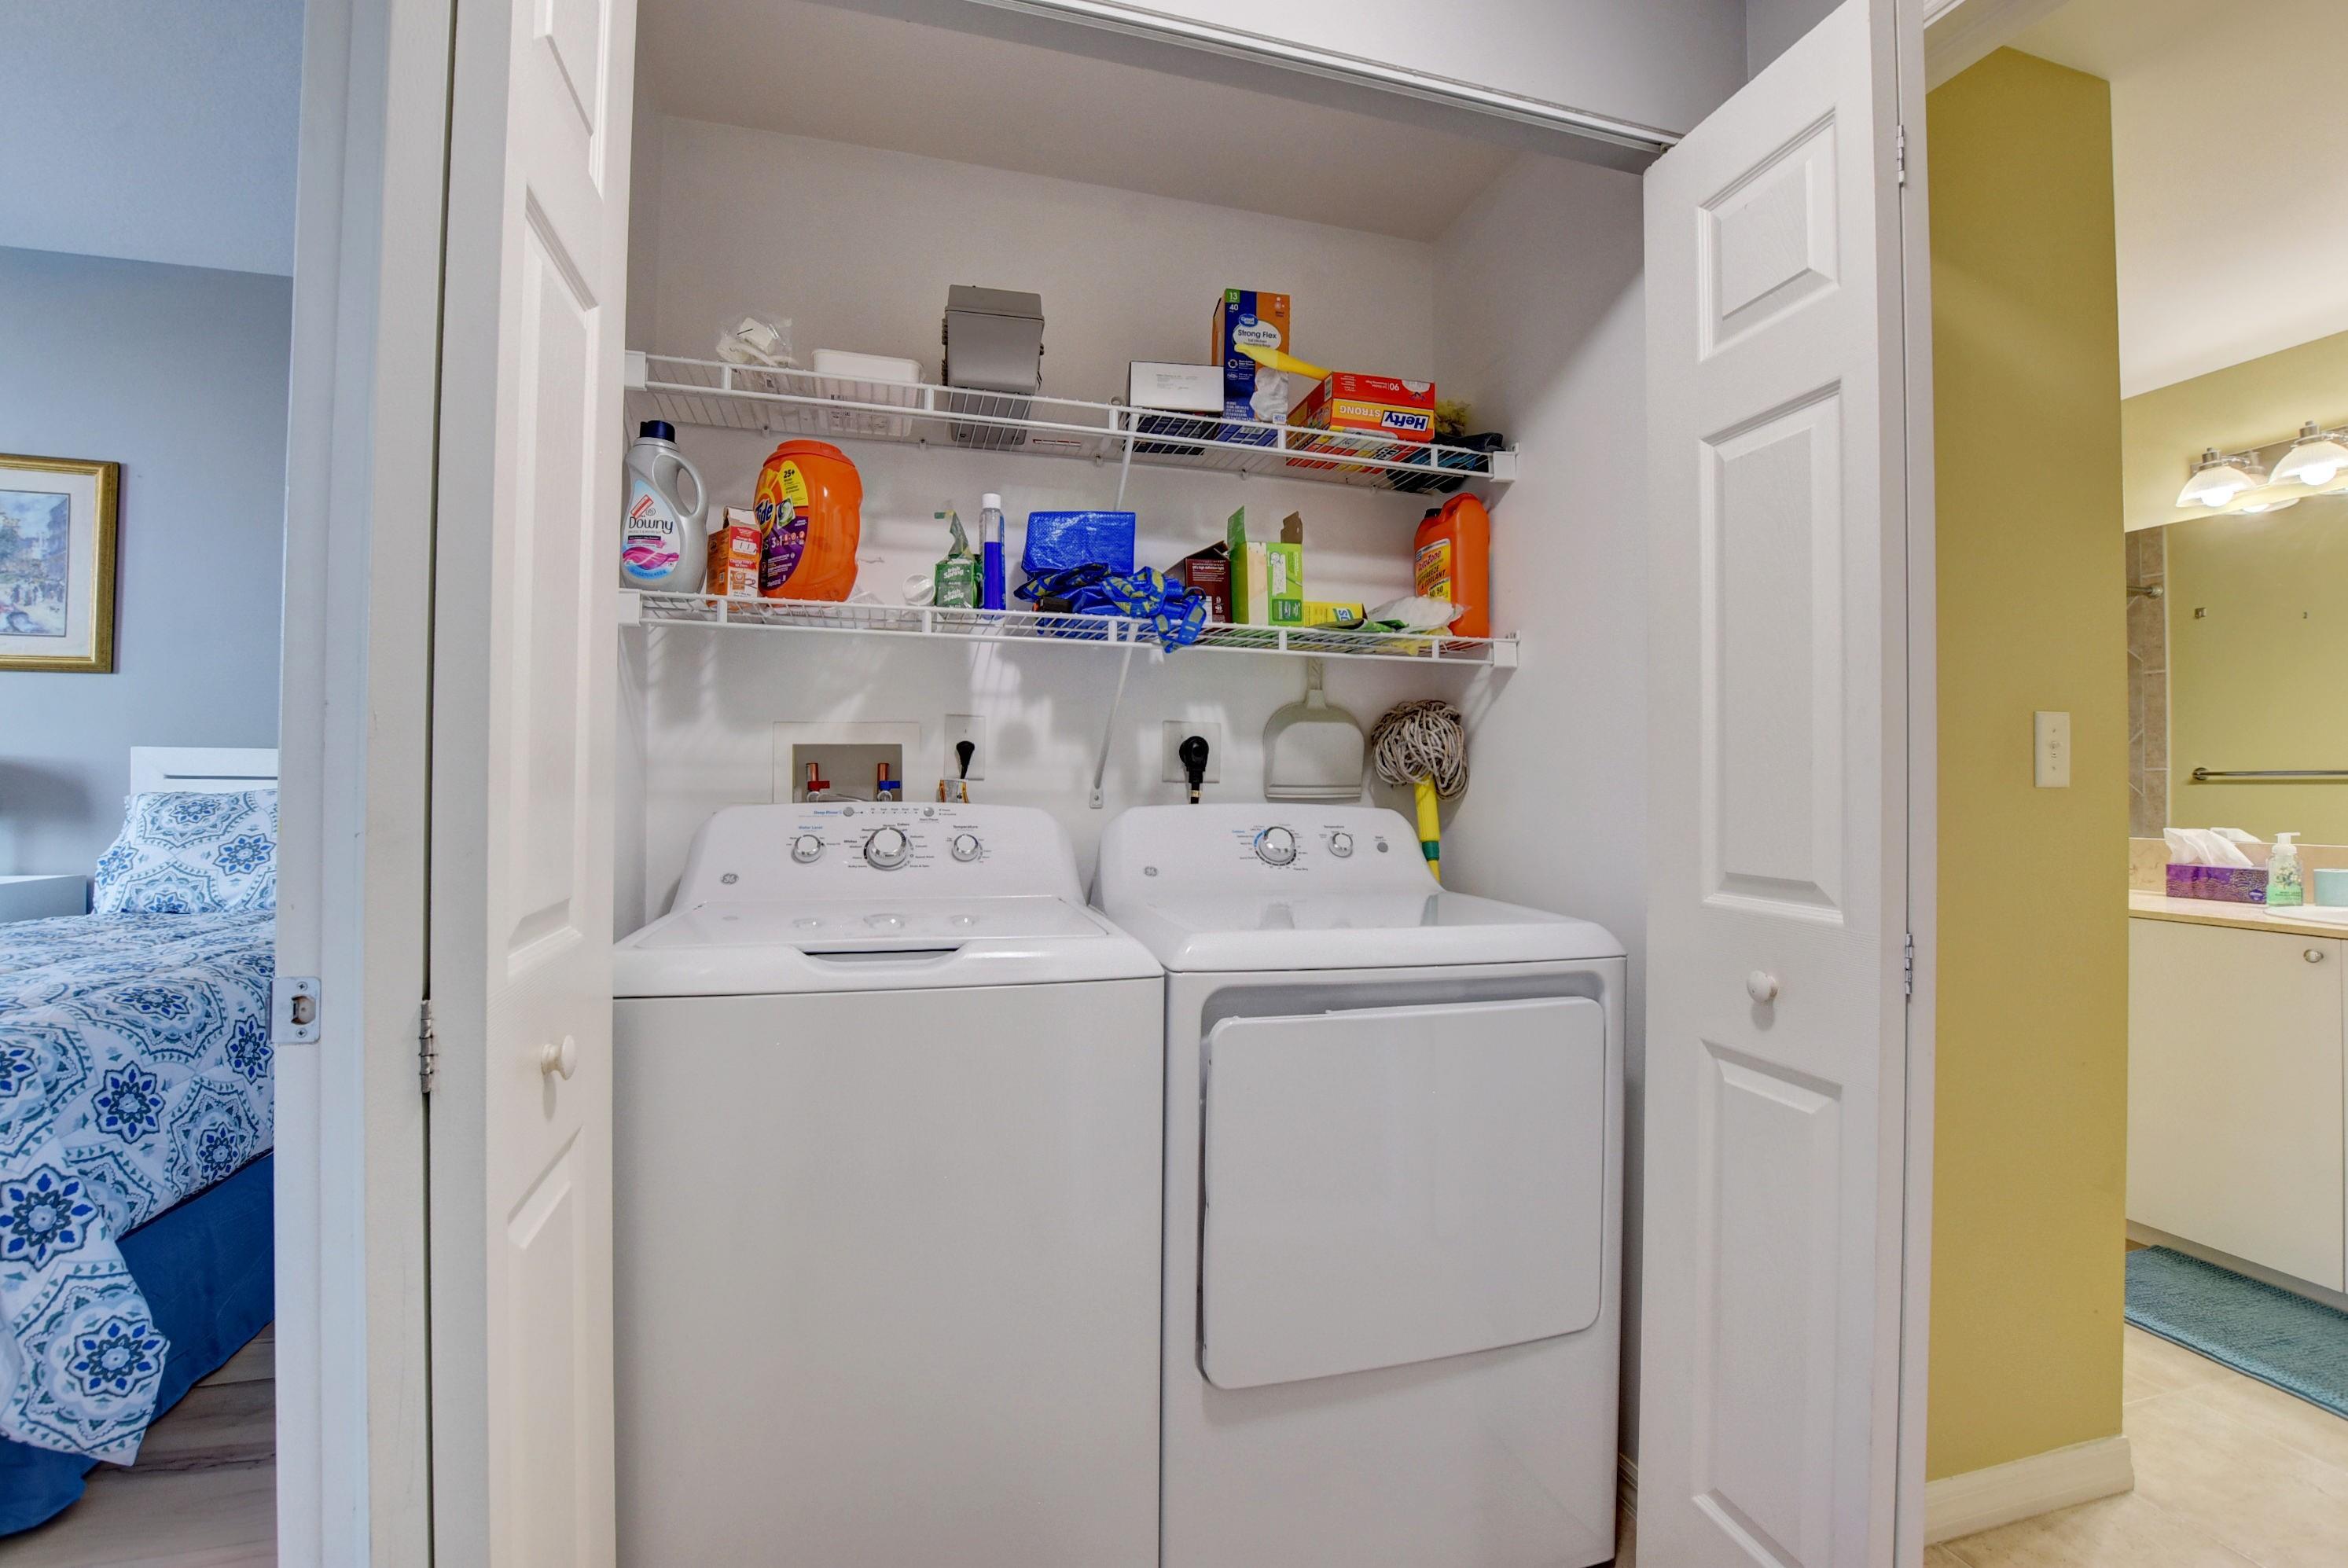 7 Washer & Dryer